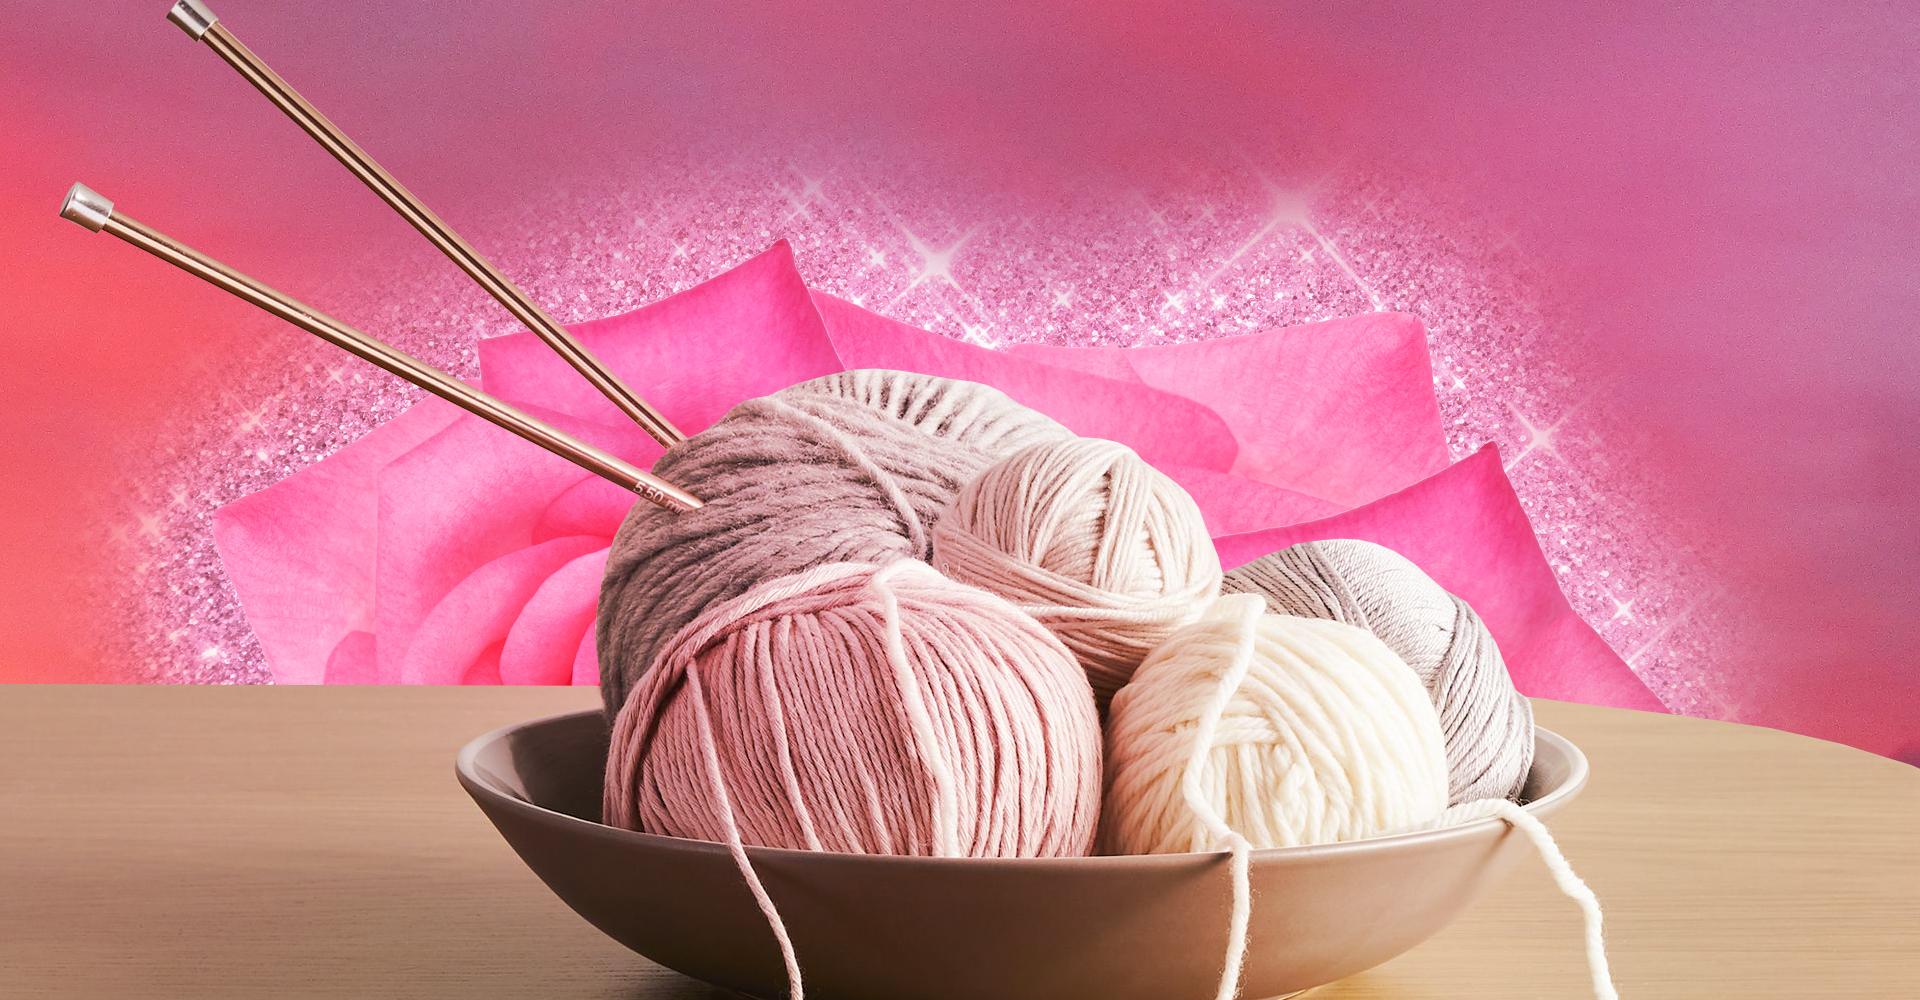 knitting-benefici-scientifici-lavorare-a-maglia